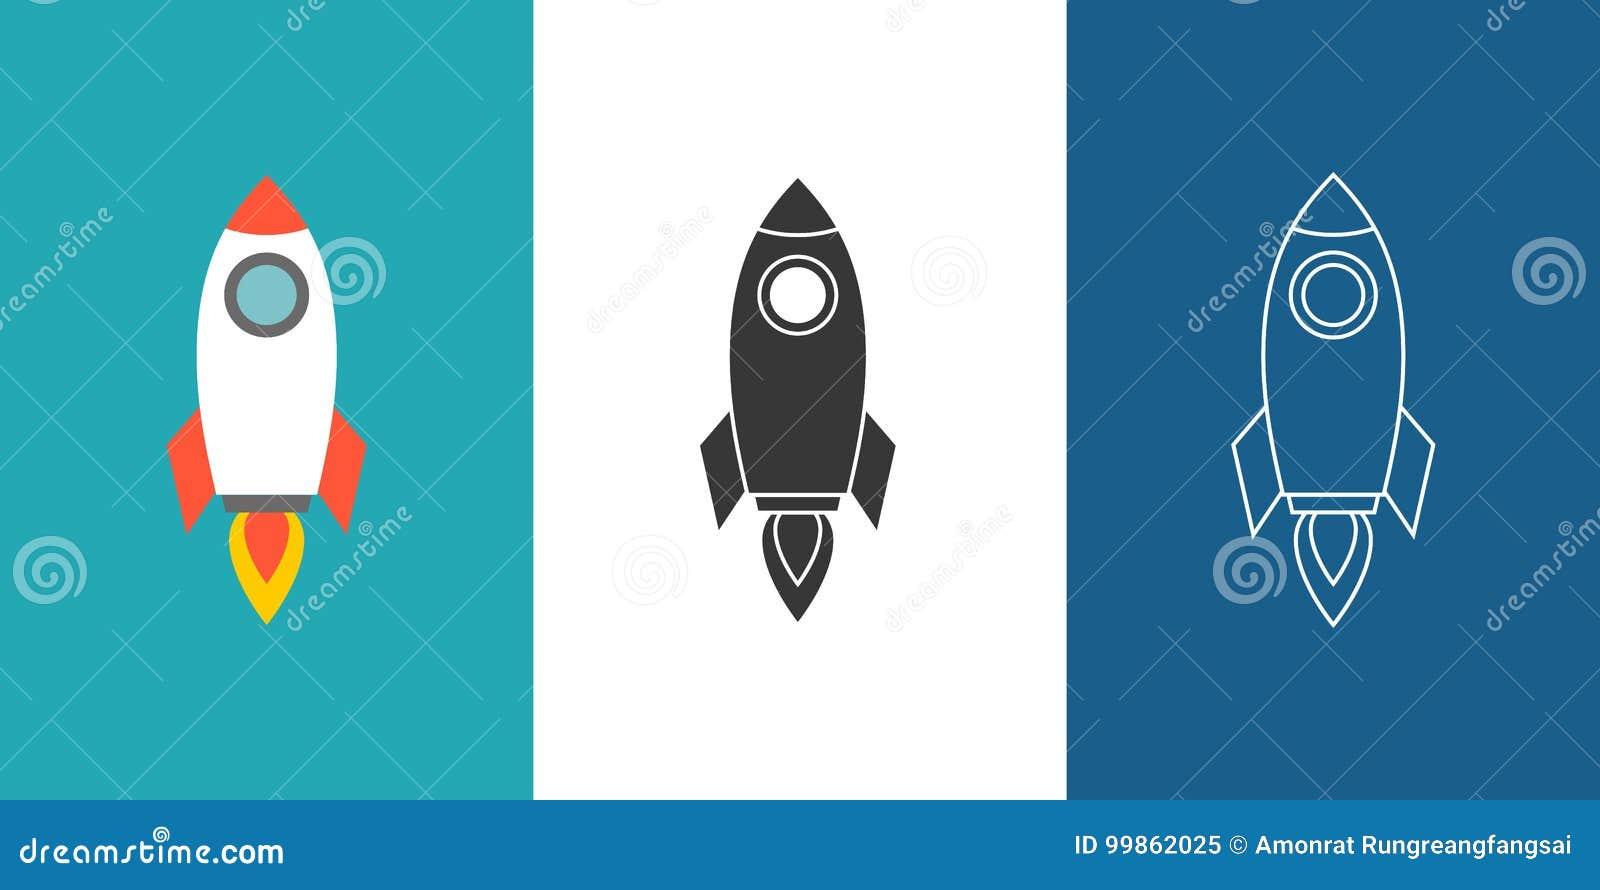 Raketsymbolsuppsättning